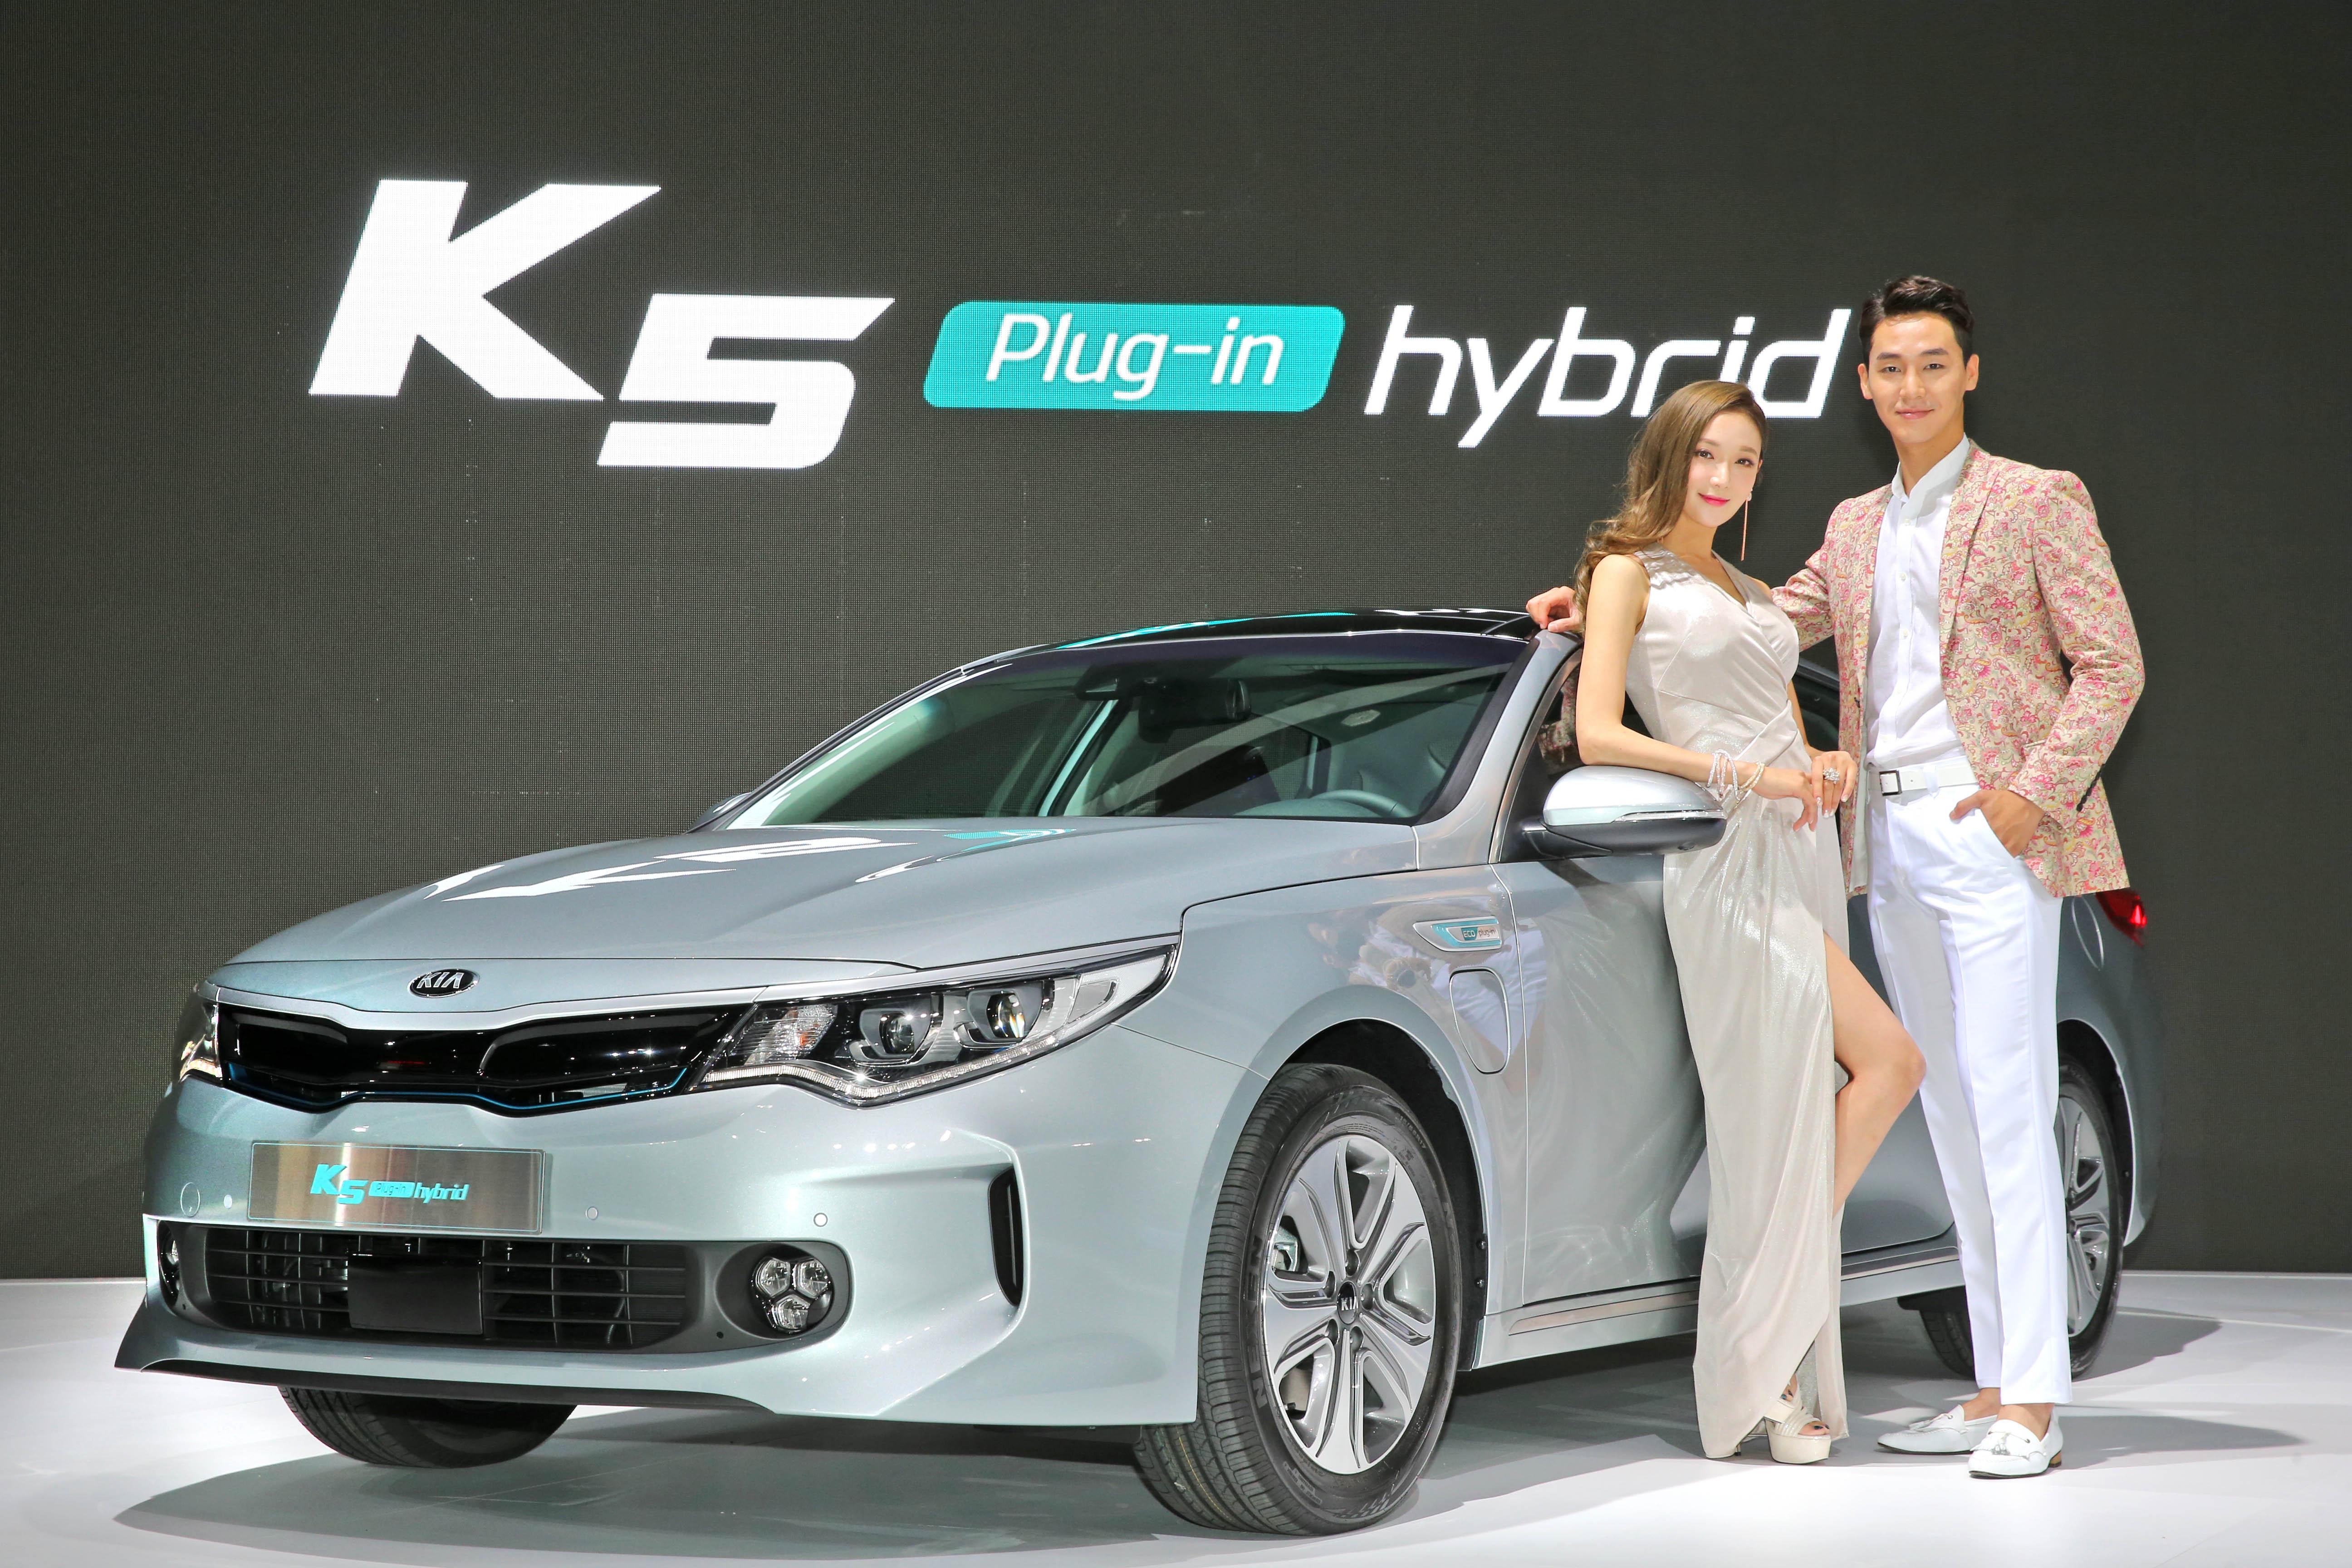 기아차, 2016 부산 국제모터쇼 참가…'K5 PHEV' 국내 첫 선